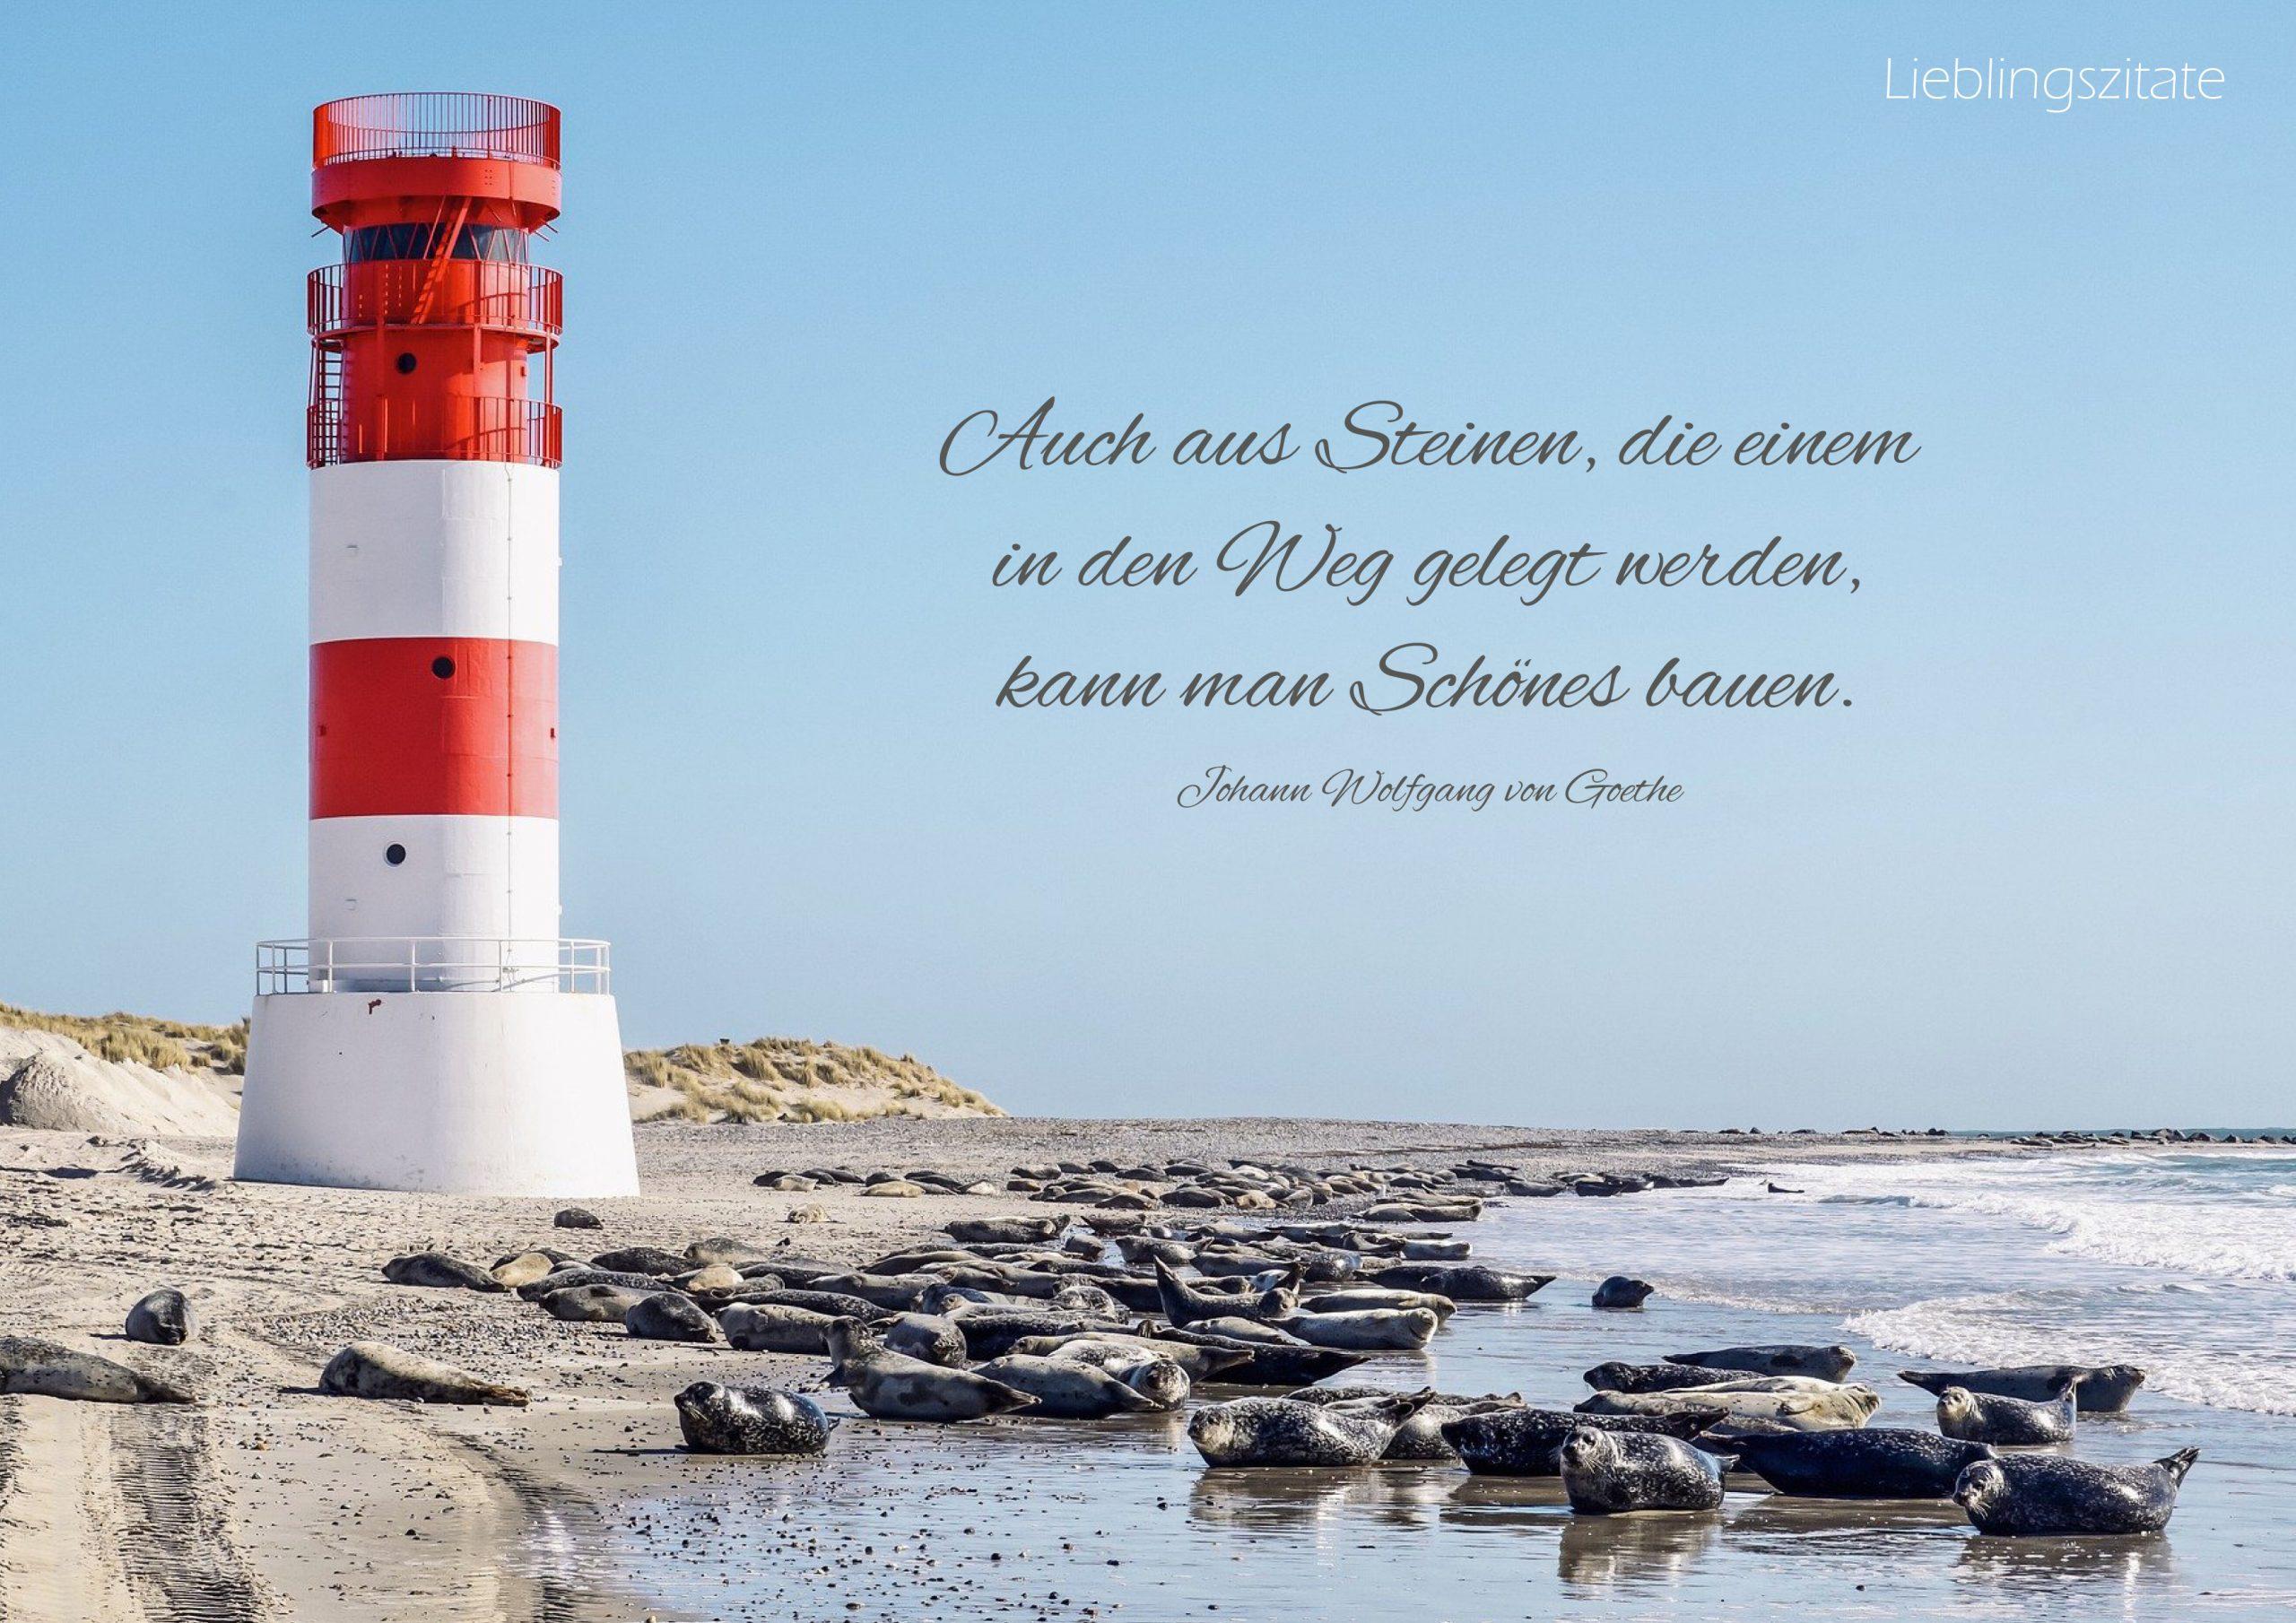 Zitat von Joh. Wolfgang v. Goethe